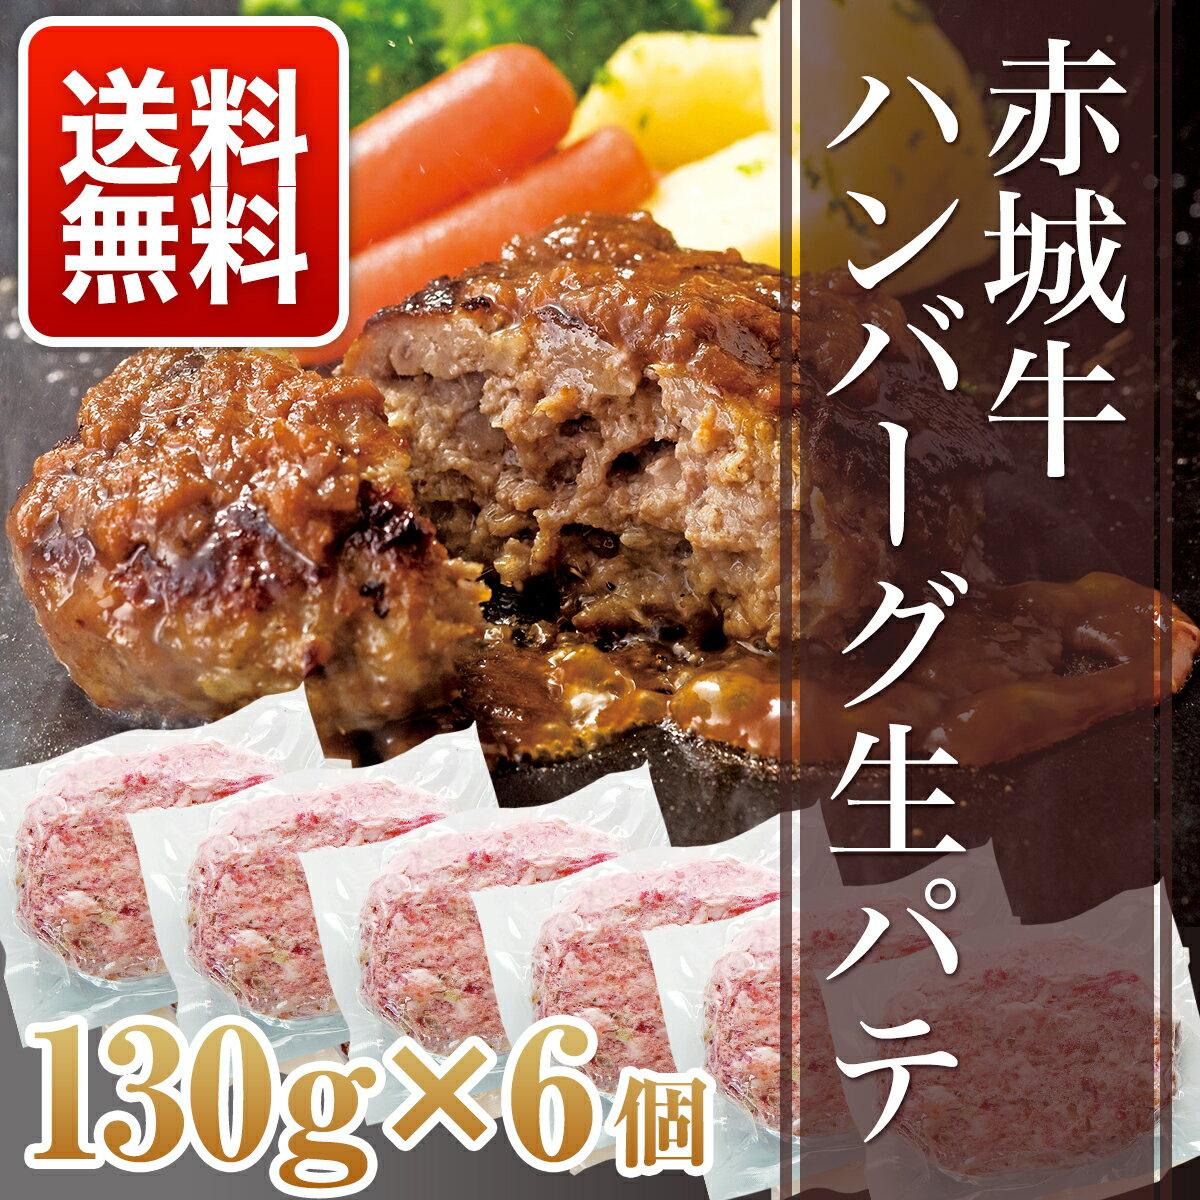 【数量限定】赤城牛ハンバーグ 生パテ 6個セット